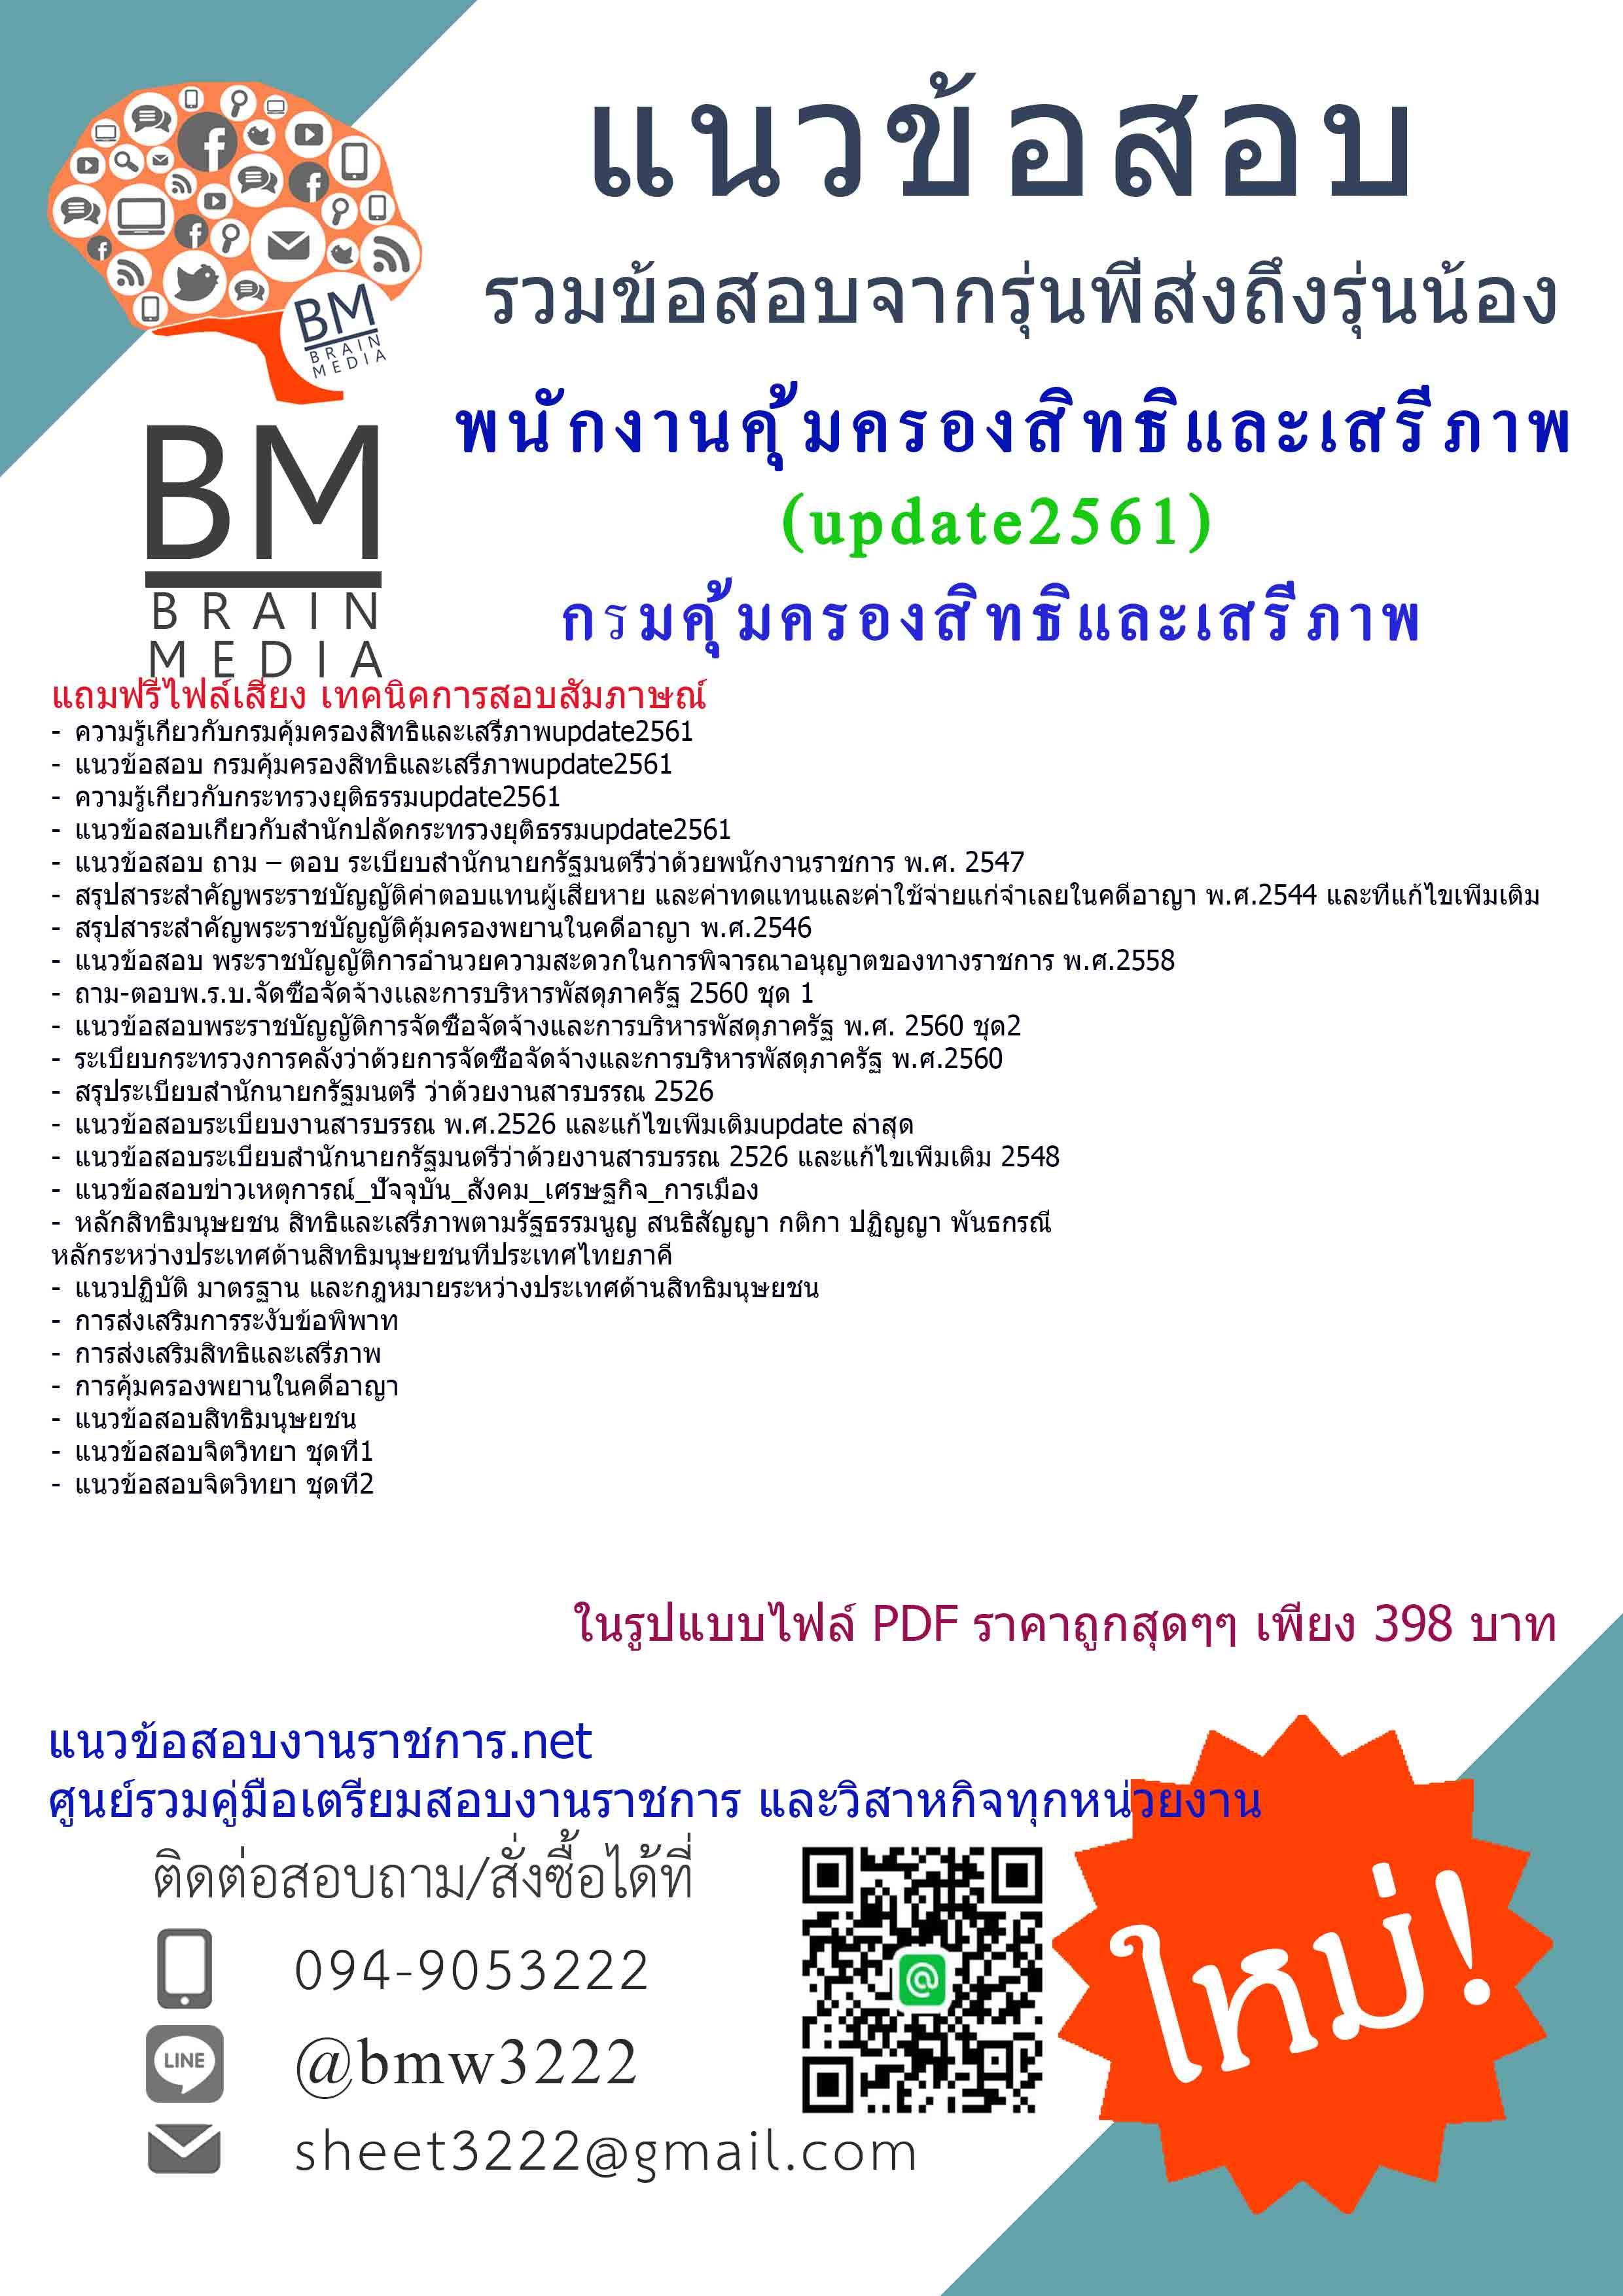 (((updateสุดๆๆ)))แนวข้อสอบพนักงานคุ้มครองสิทธิและเสรีภาพกรมคุ้มครองสิทธิและเสรีภาพ2561